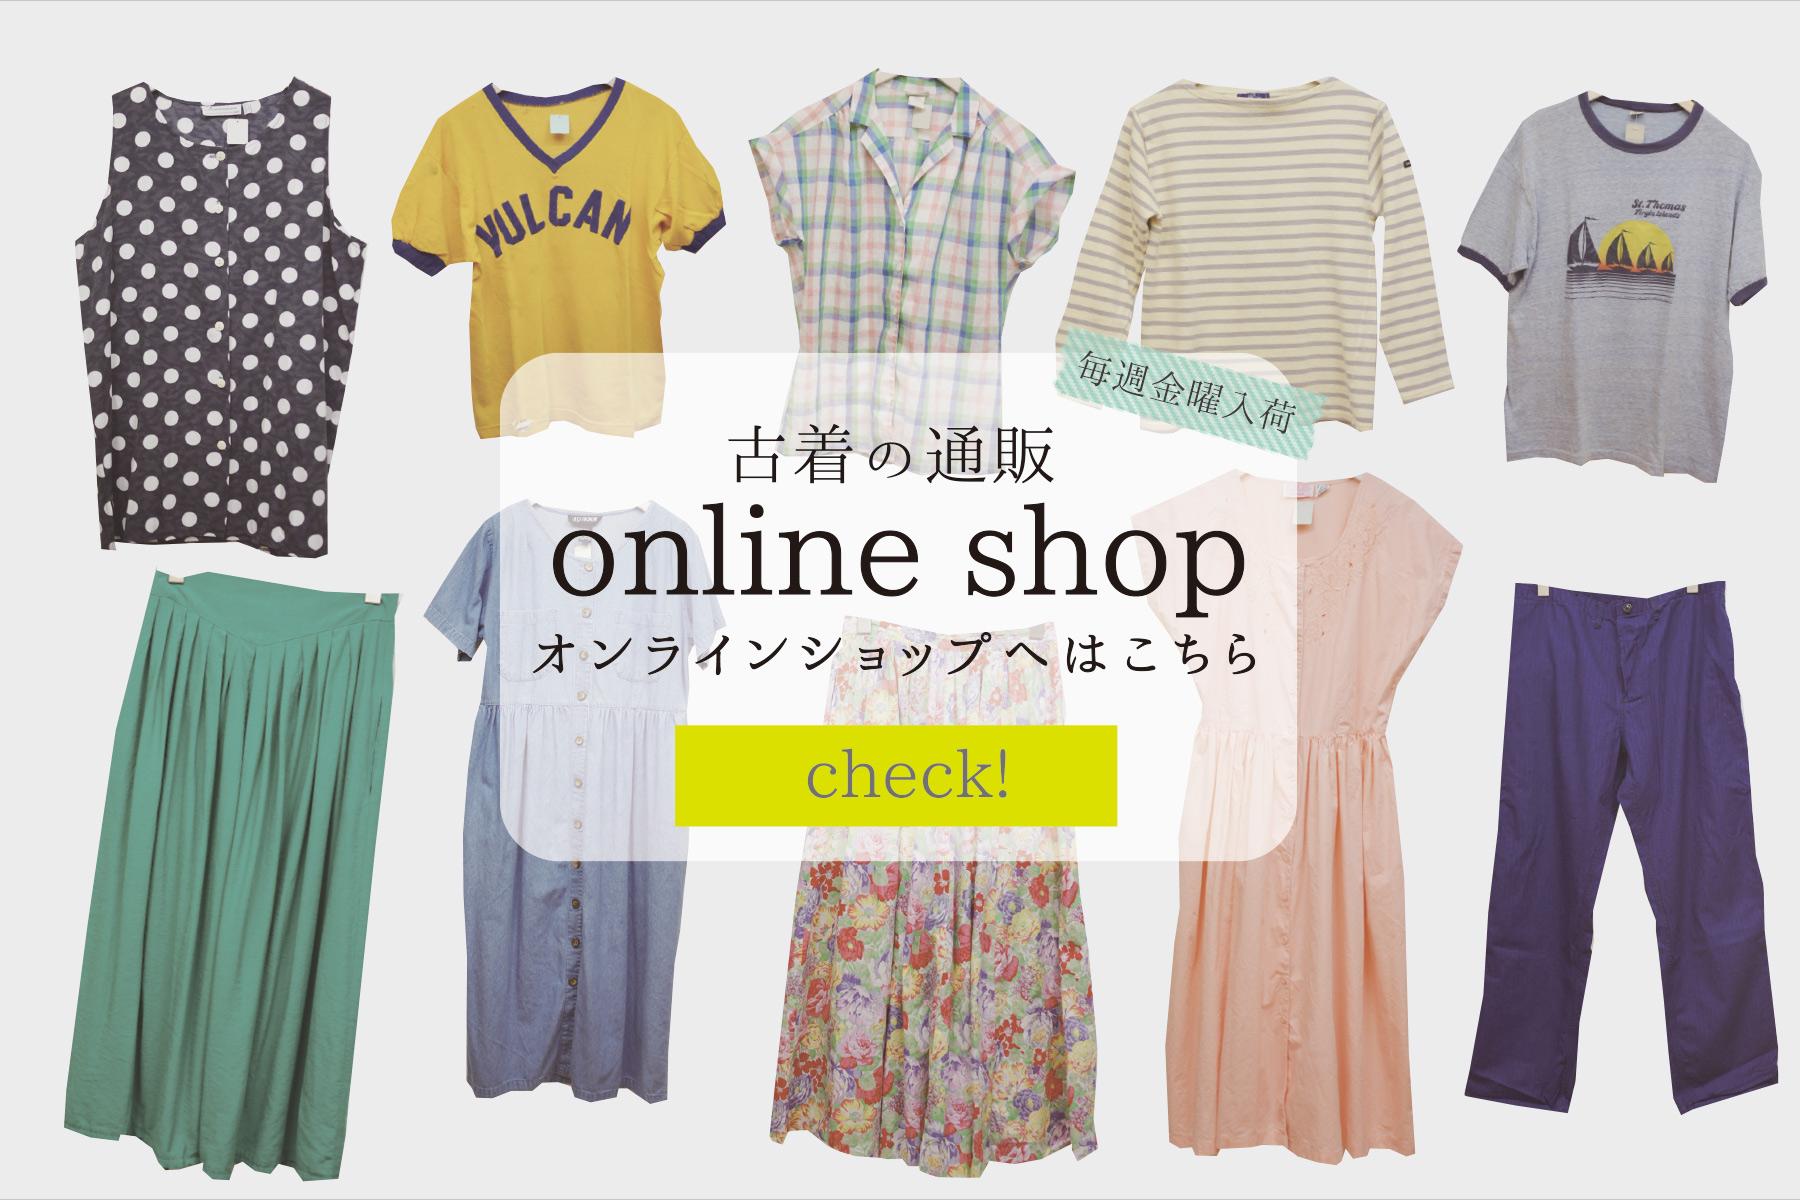 古着の通販 online shop テトラオンラインショップはこちら